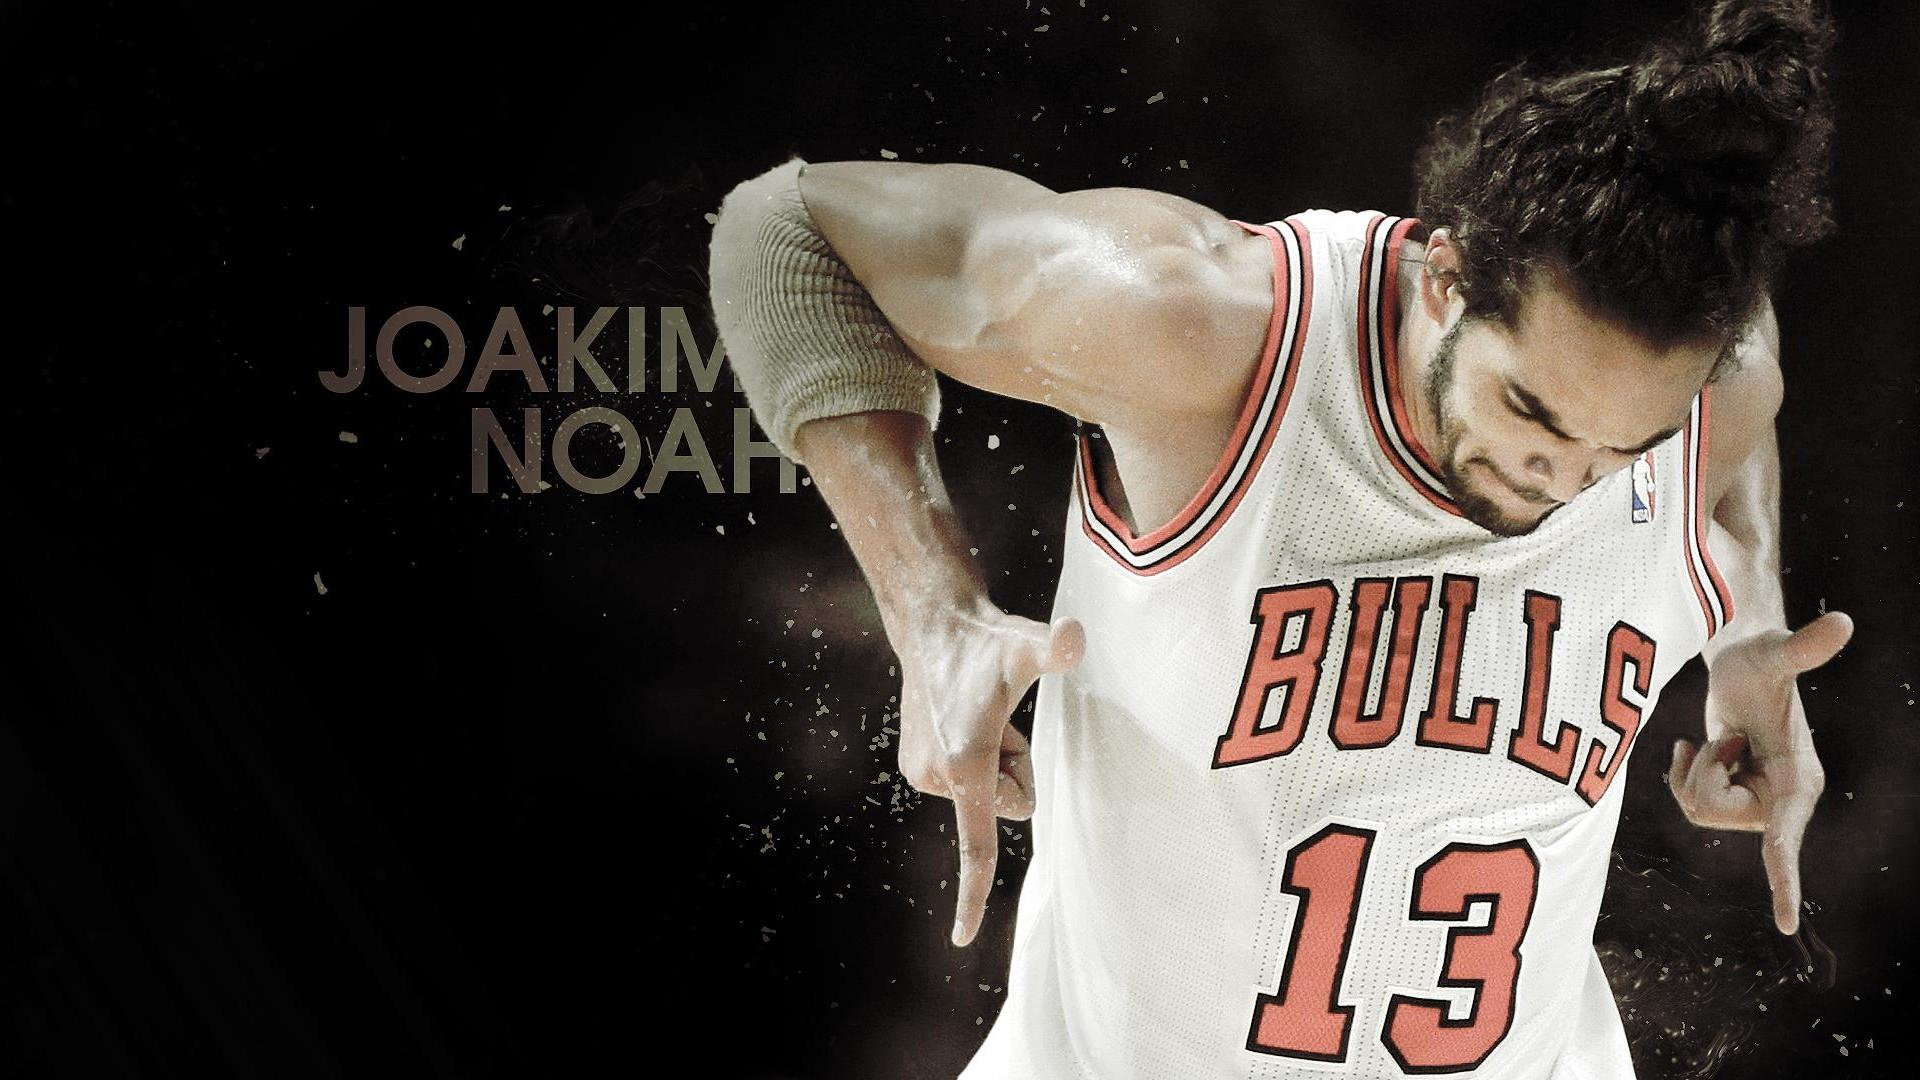 Joakim Noah 2014 NBA Wallpaper